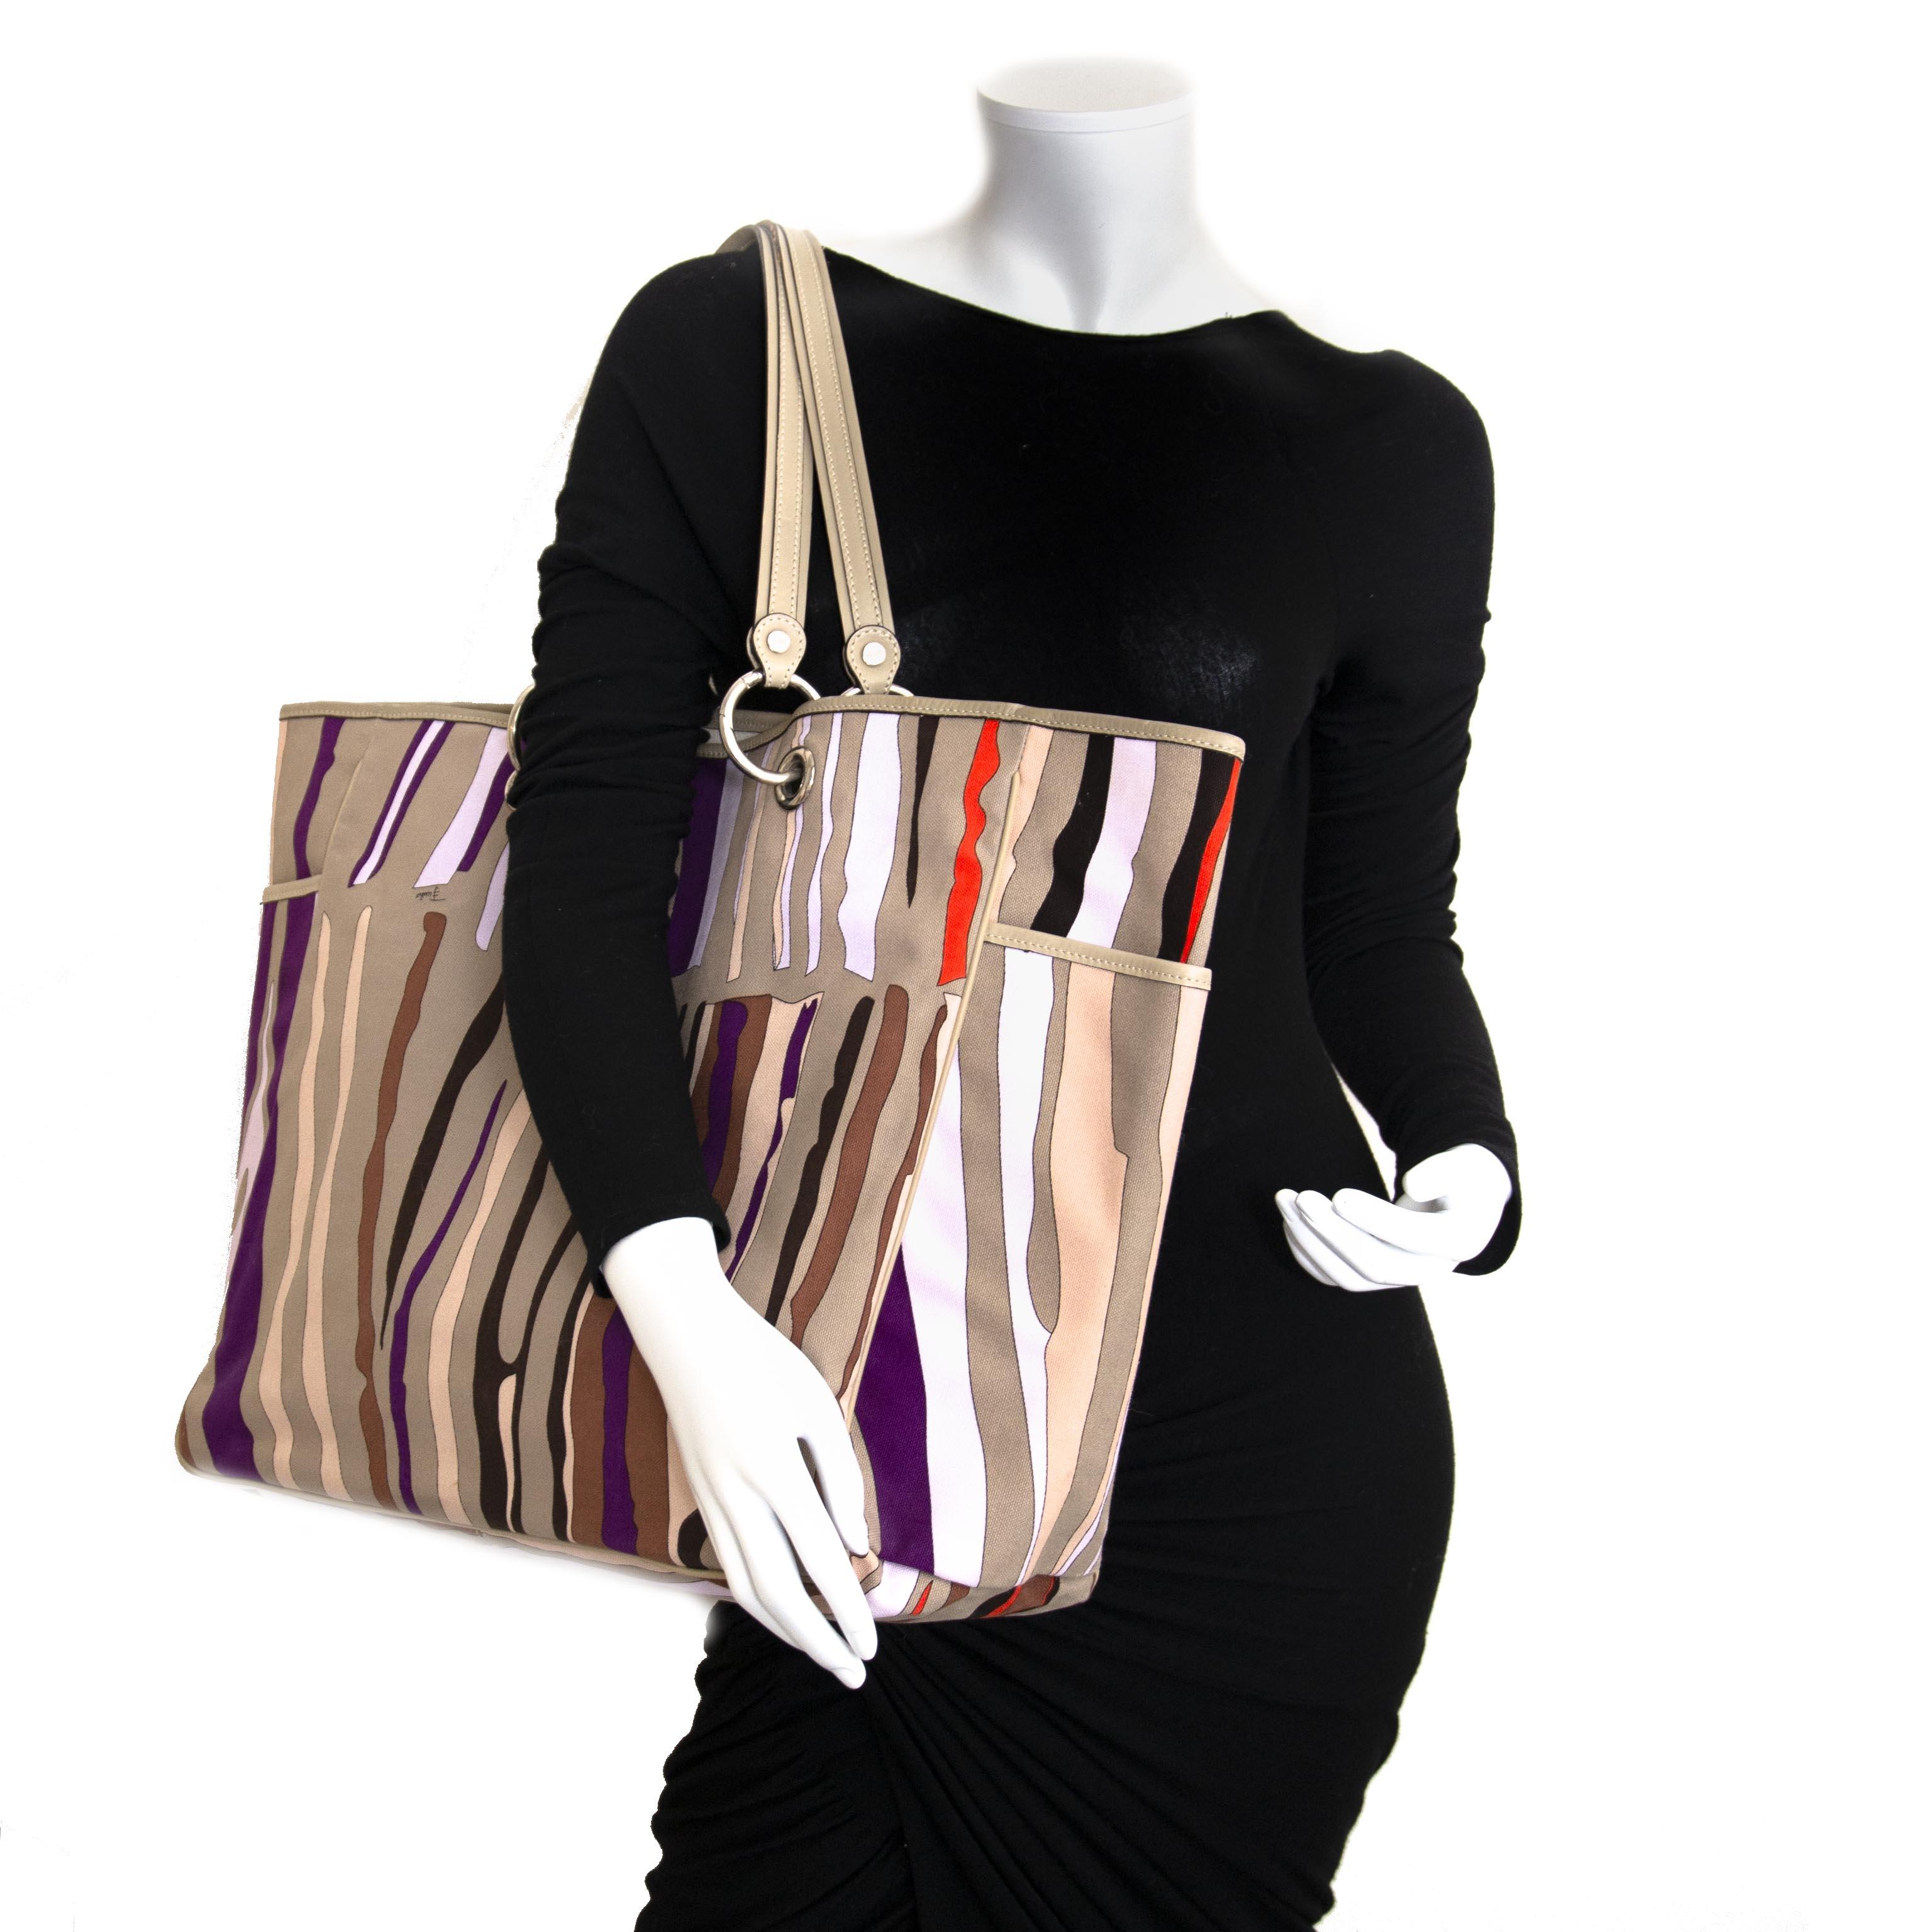 Emilio Pucci Beige Printed Tote Bag (Labellov) For the best price at LabelLov. Pour le meilleur prix à LabelLOV. Voor de beste prijs bij LabelLOV.